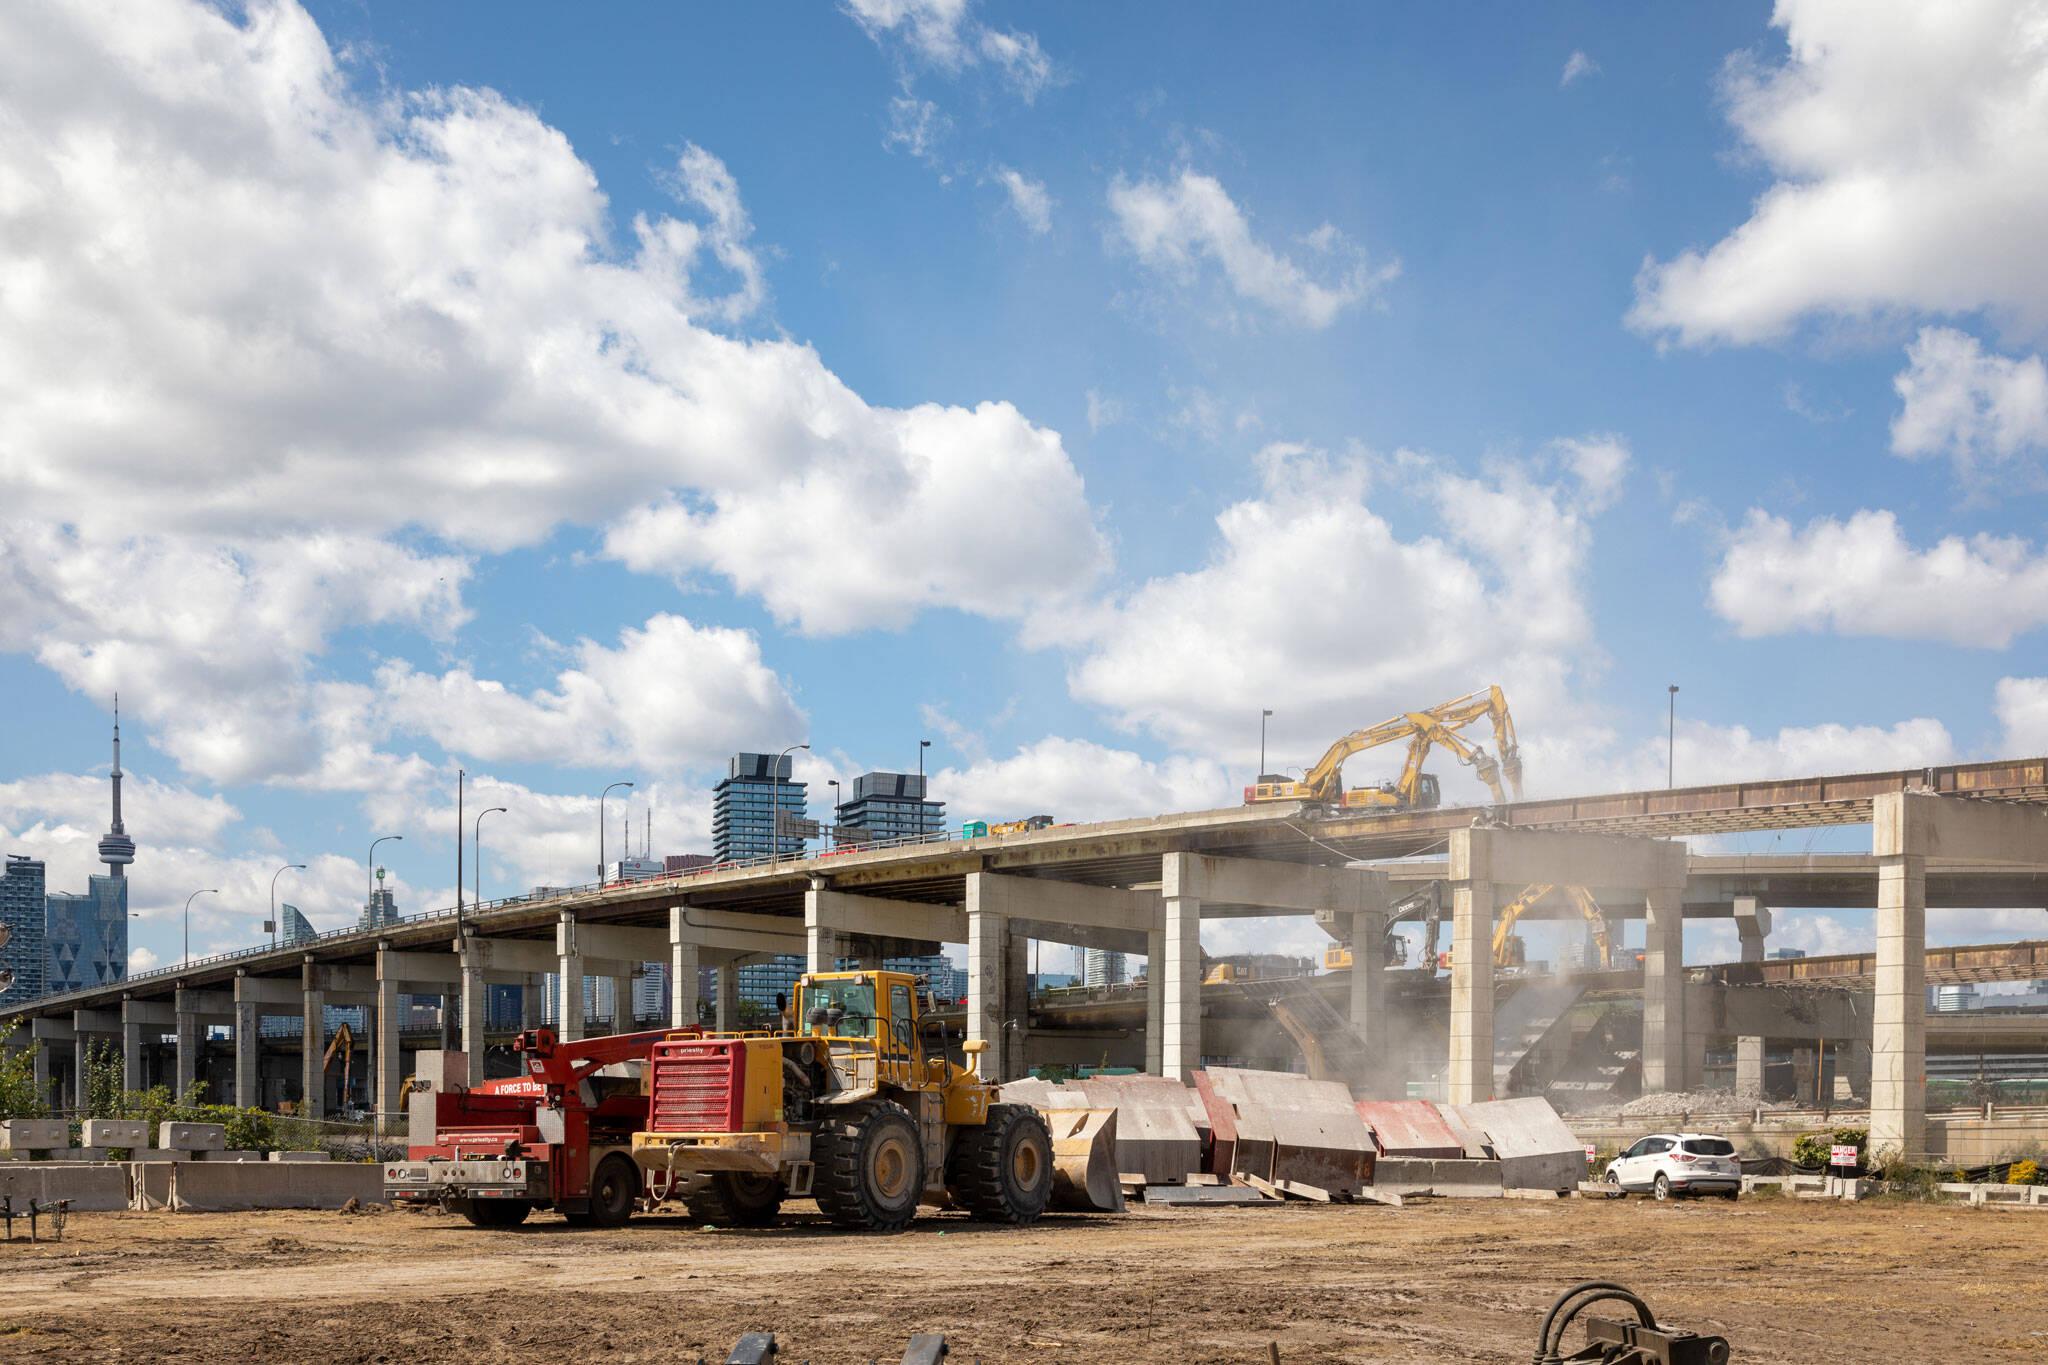 gardiner demolition